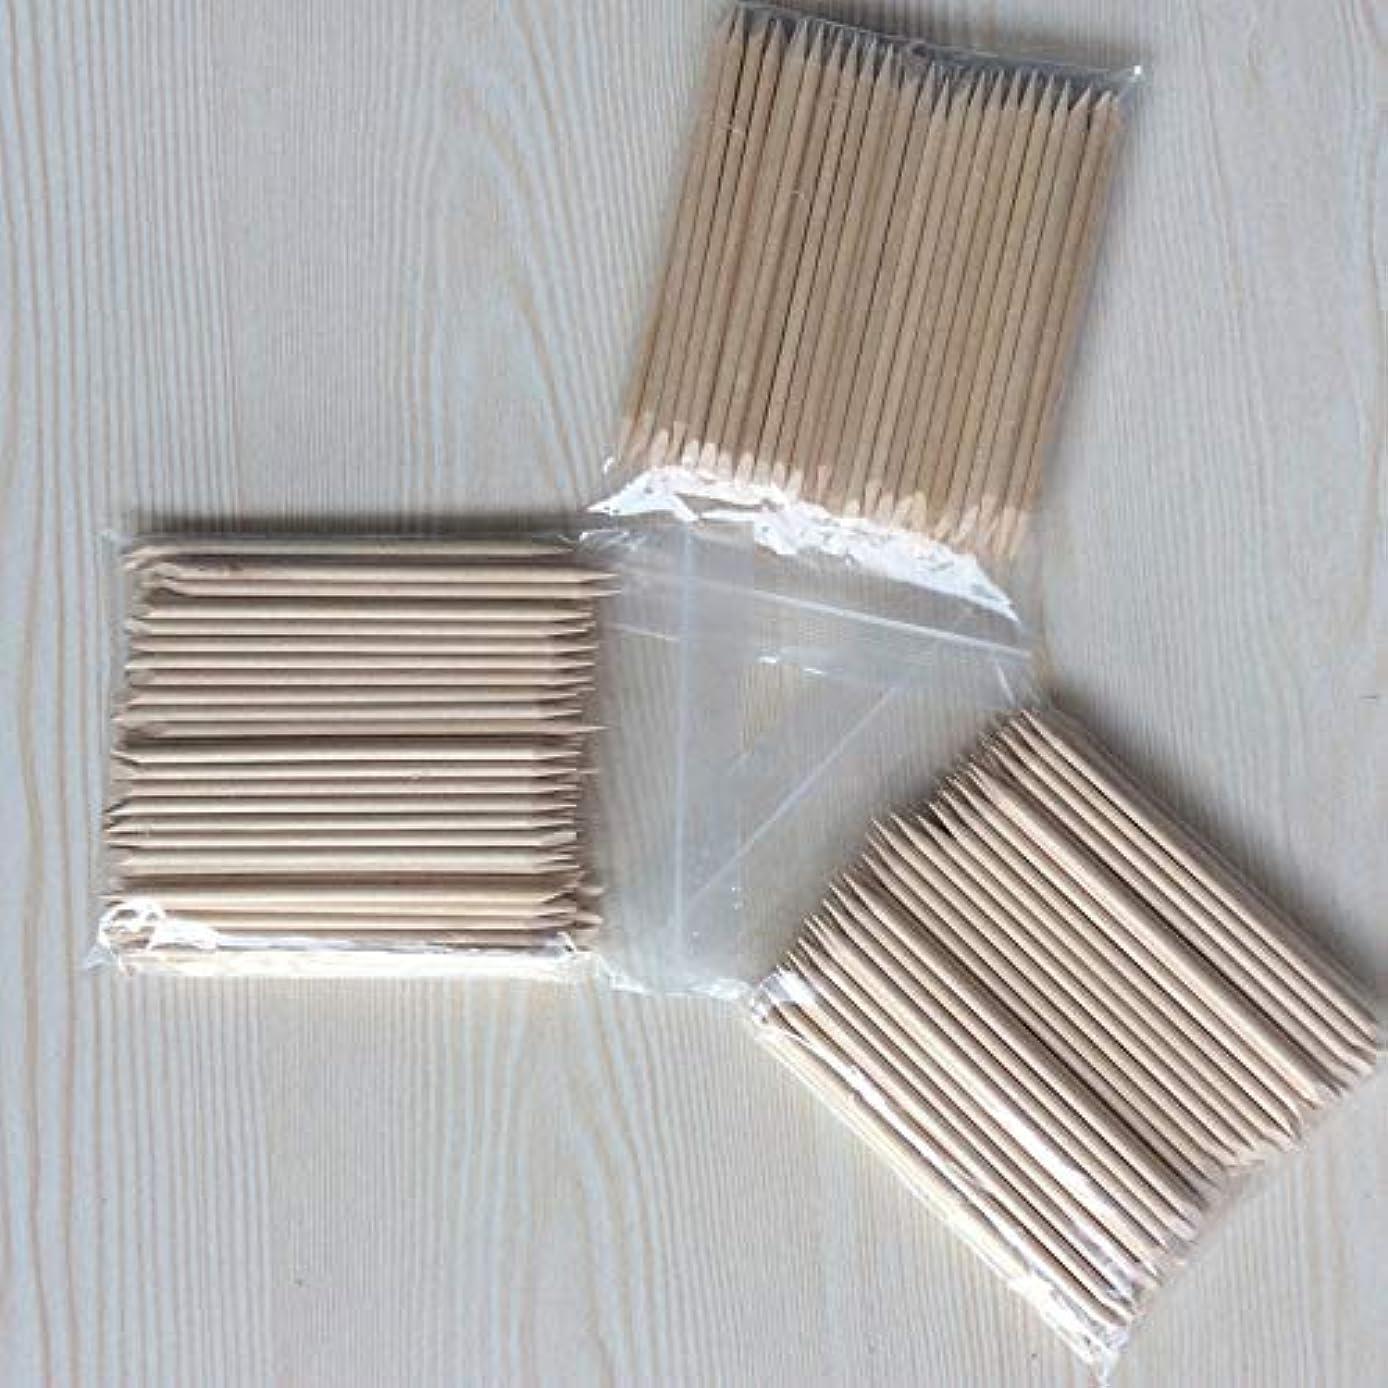 Nail Brush 20/50/100Pcs/Set Nail Art Orange Wood Stick For Nail Art Decorations Cuticle Pusher Remover Pedicure Manicure Tool 100pcs per set